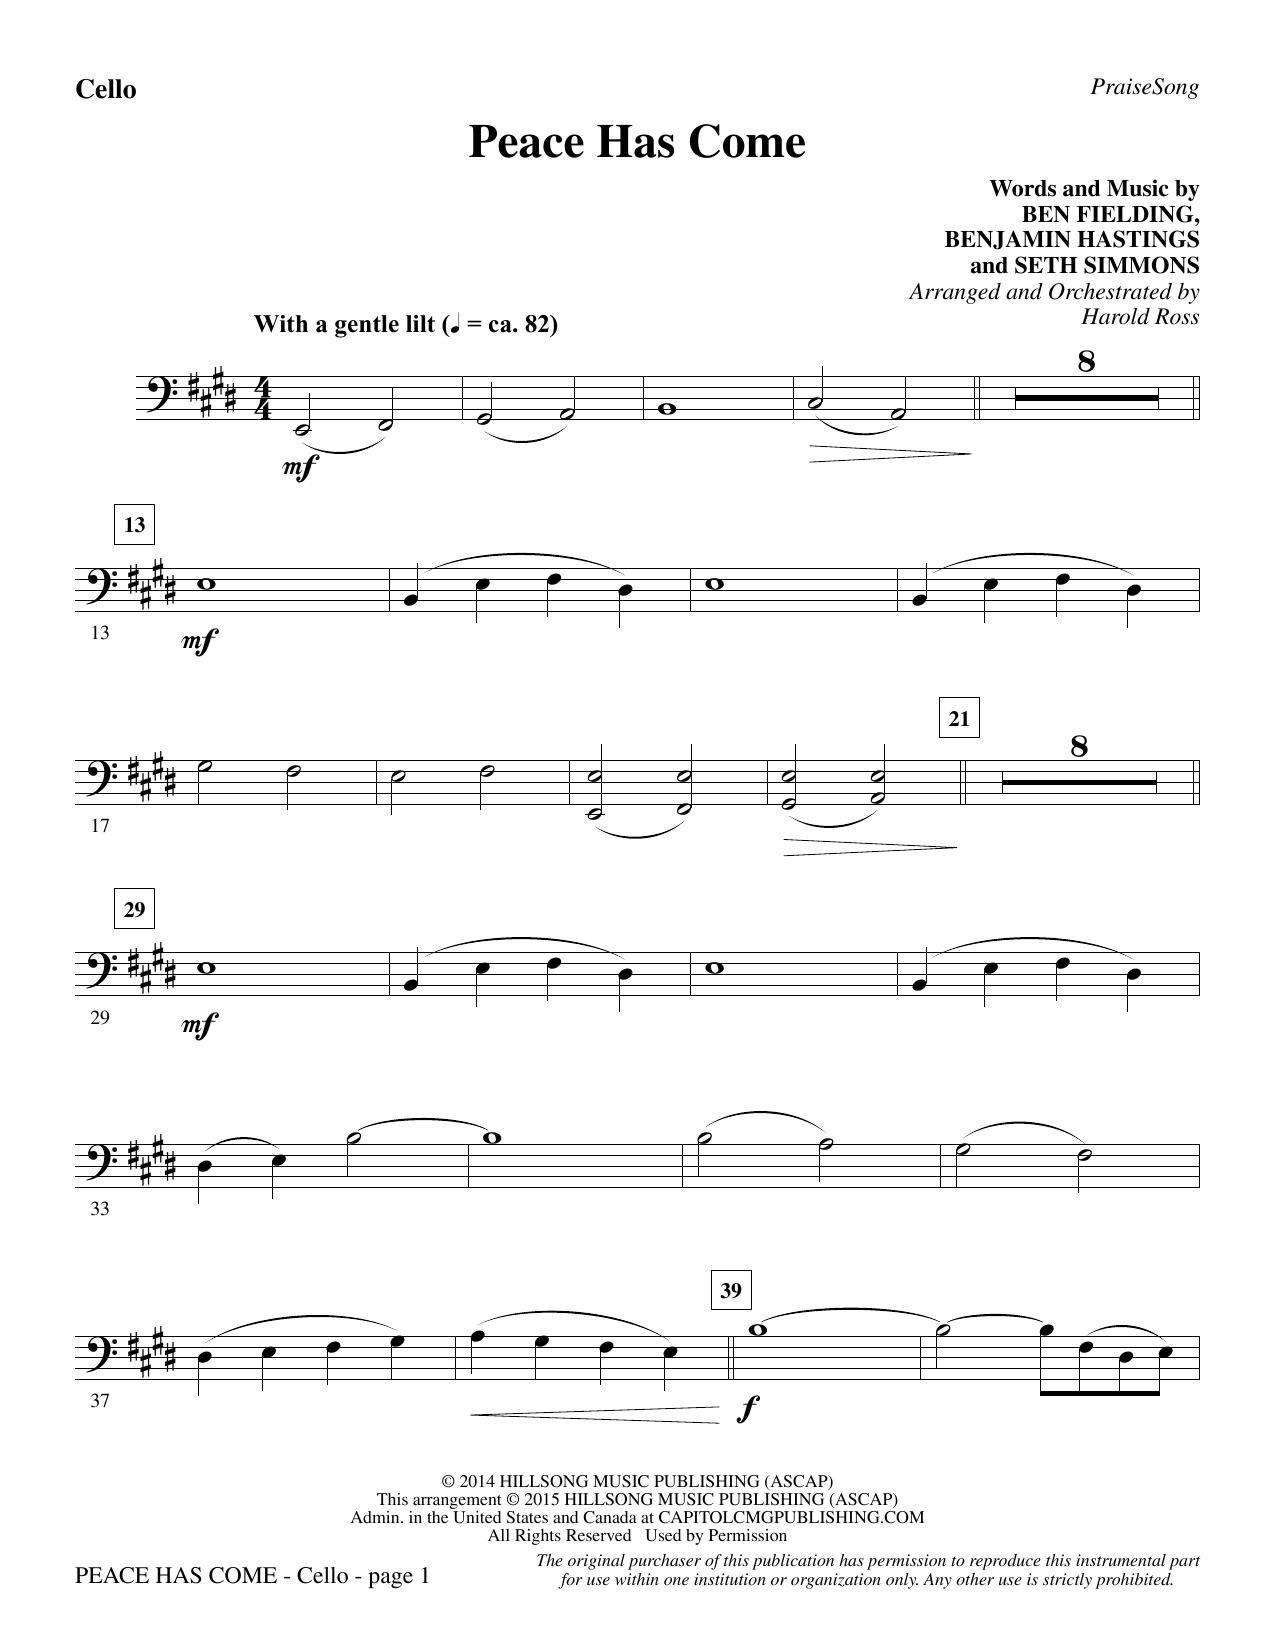 Peace Has Come - Cello sheet music